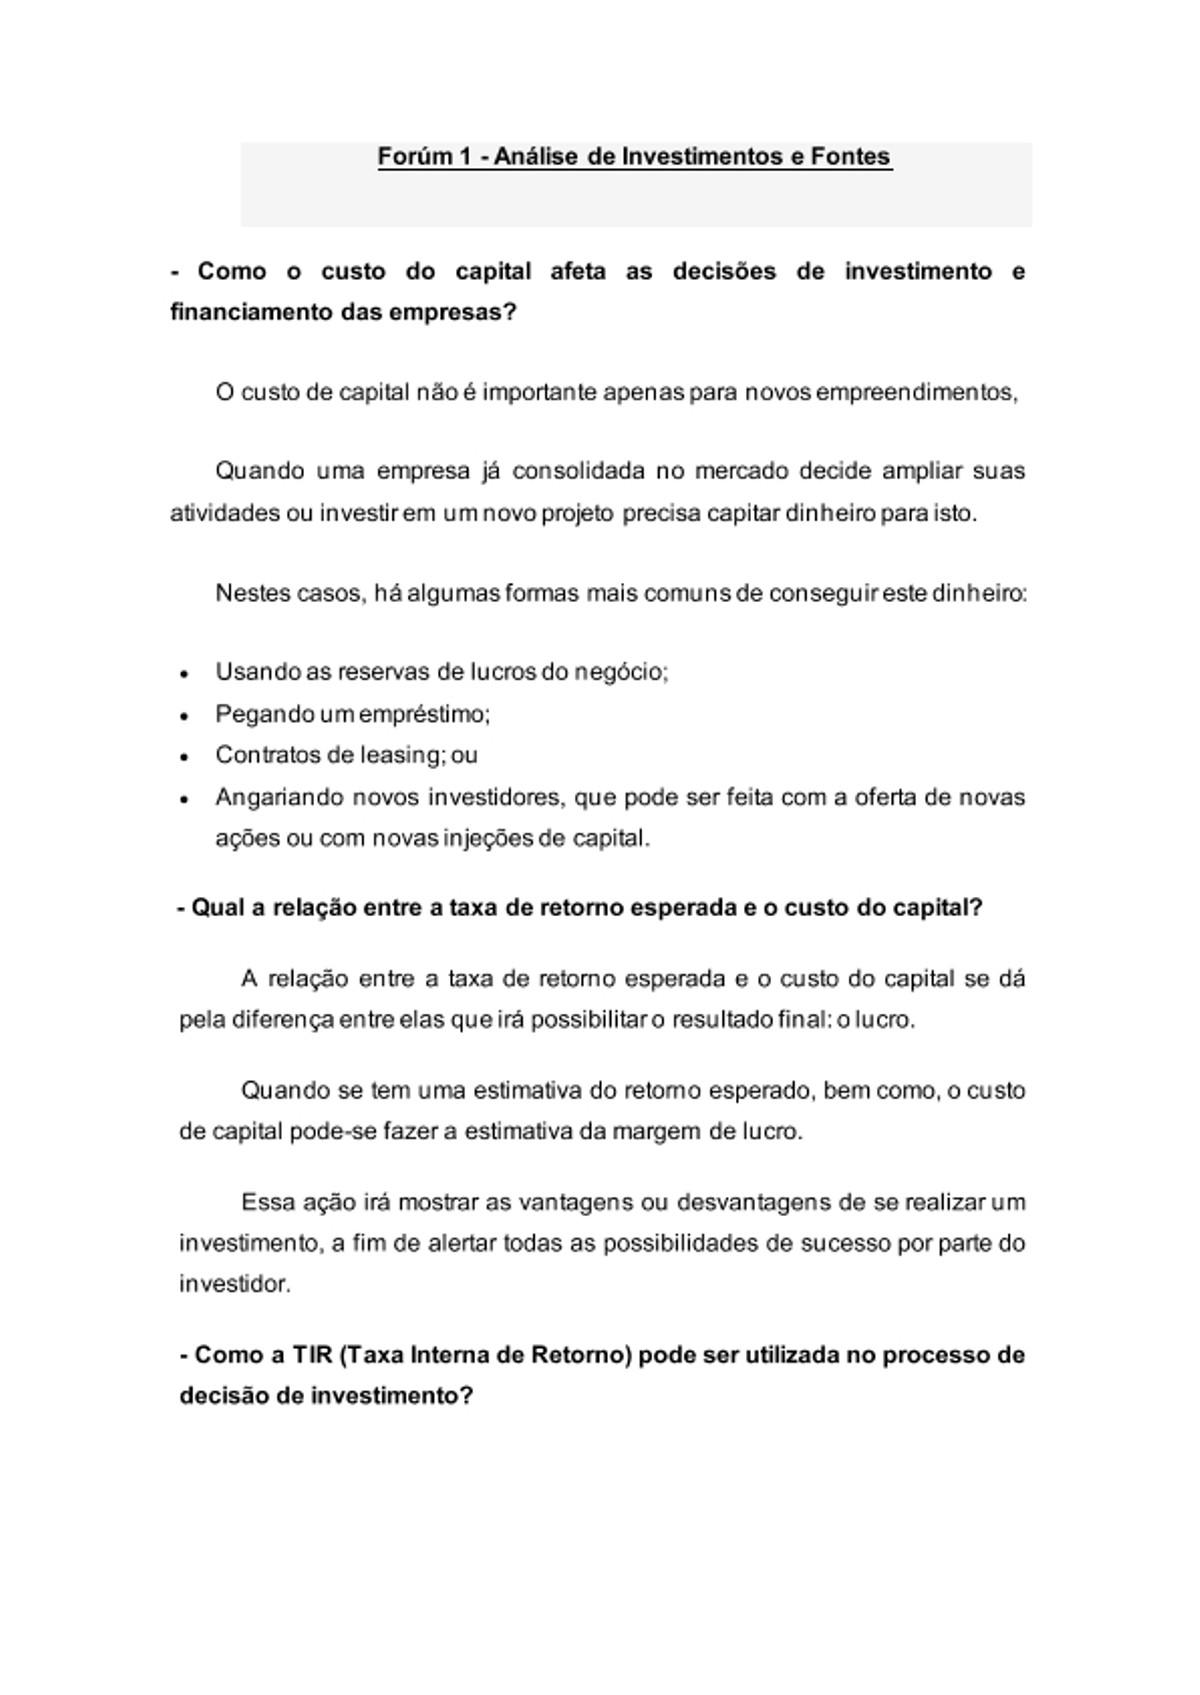 Pre-visualização do material Forúm 1 Analise de Investimentos e Fontes - página 1